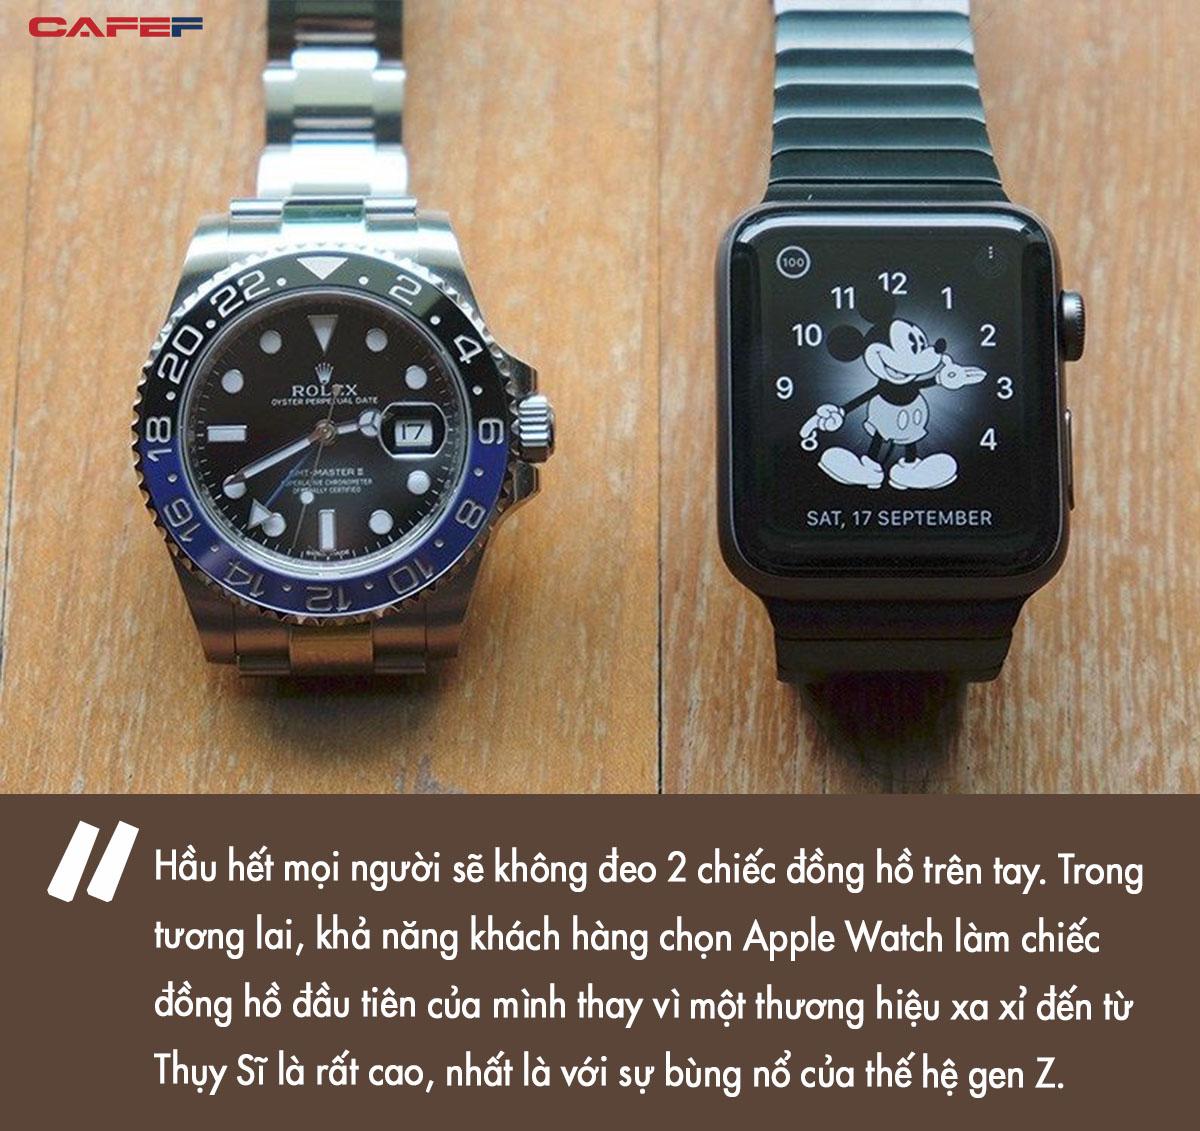 Apple Watch có thể xóa sổ những chiếc đồng hồ xa xỉ của Rolex hay Patek Philippe trong tương lai? Câu trả lời là có, nếu các thương hiệu truyền thống không chịu thay đổi - Ảnh 3.